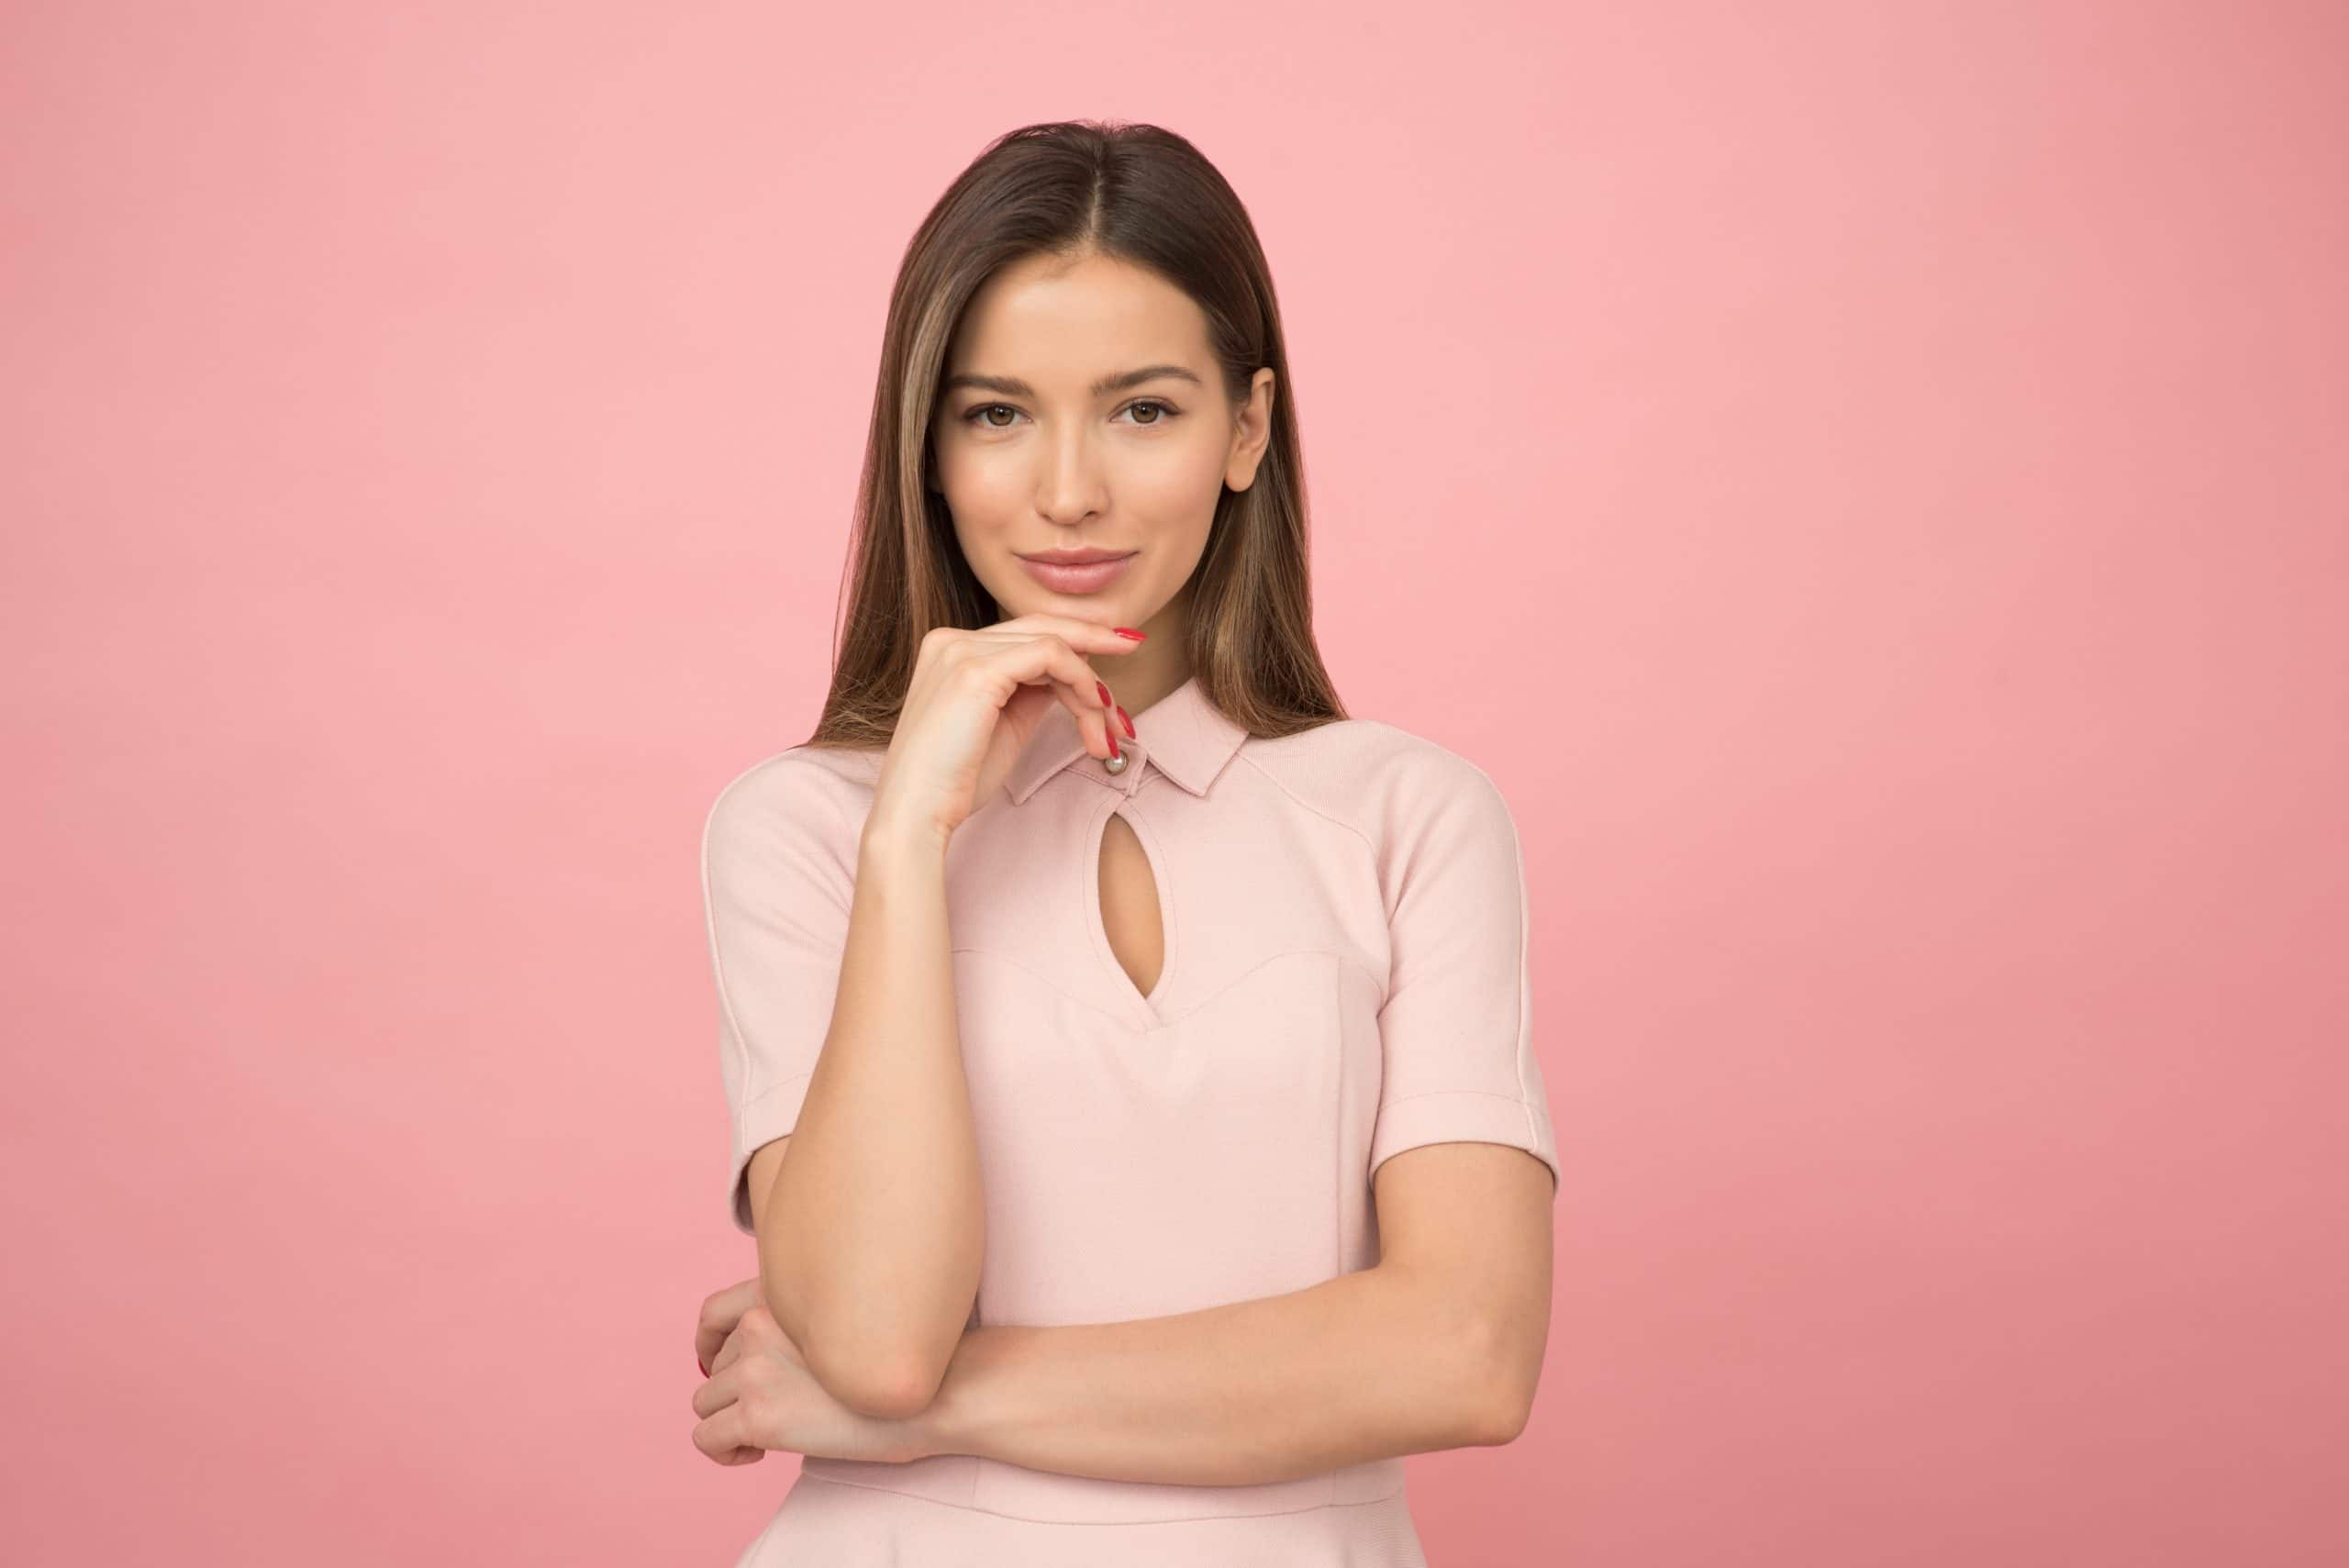 Mulher com uma roupa rosa claro, com um dos braços à frente do seu corpo e outro apoiado nele, segurando o queixo e sorrindo levemente. Ela está em frente a uma parede rosa.